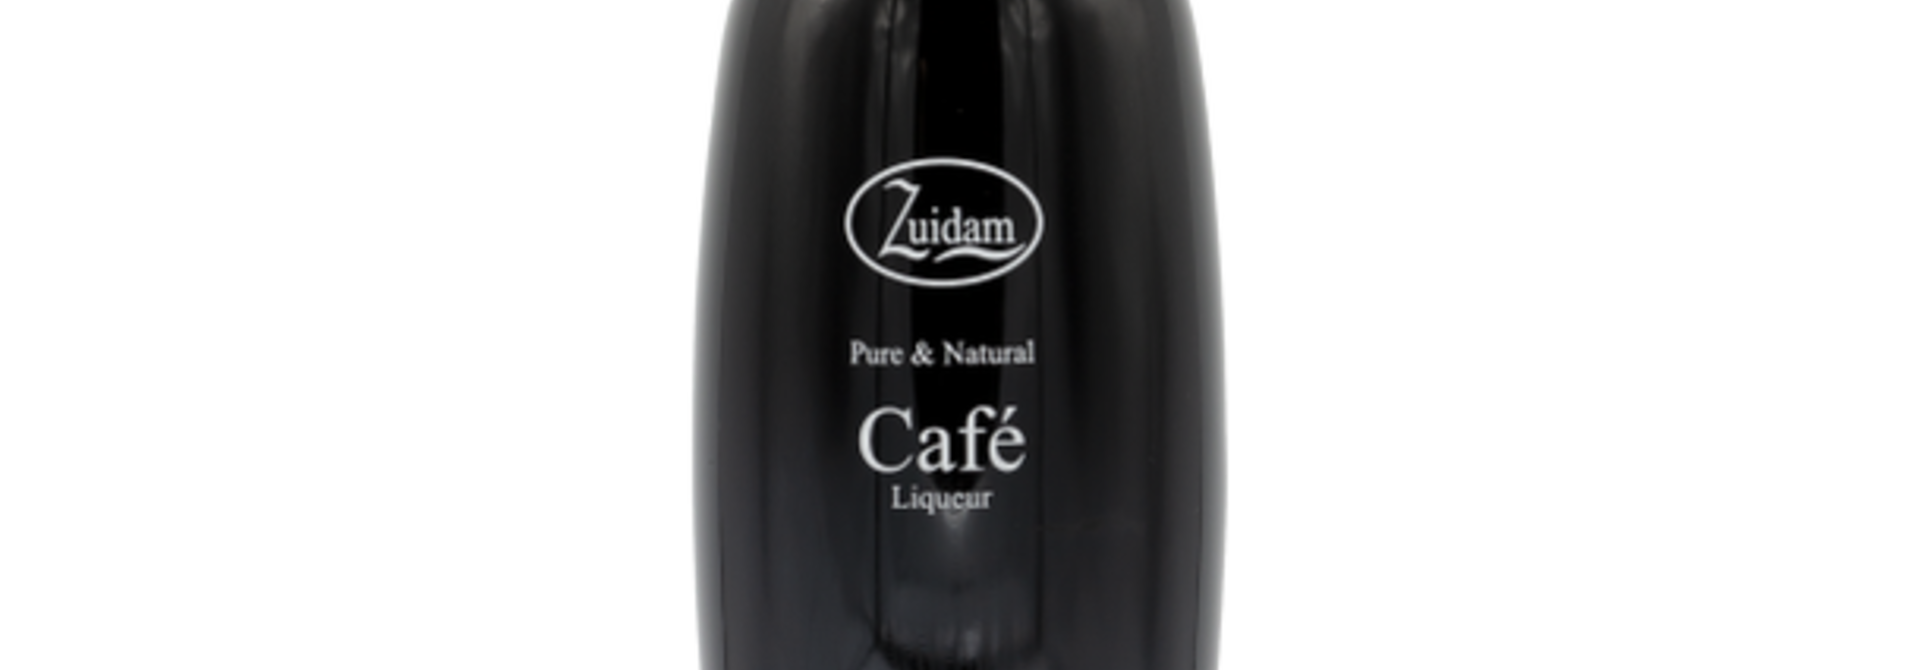 ZUIDAM Cafe Liqueur 0.7ltr